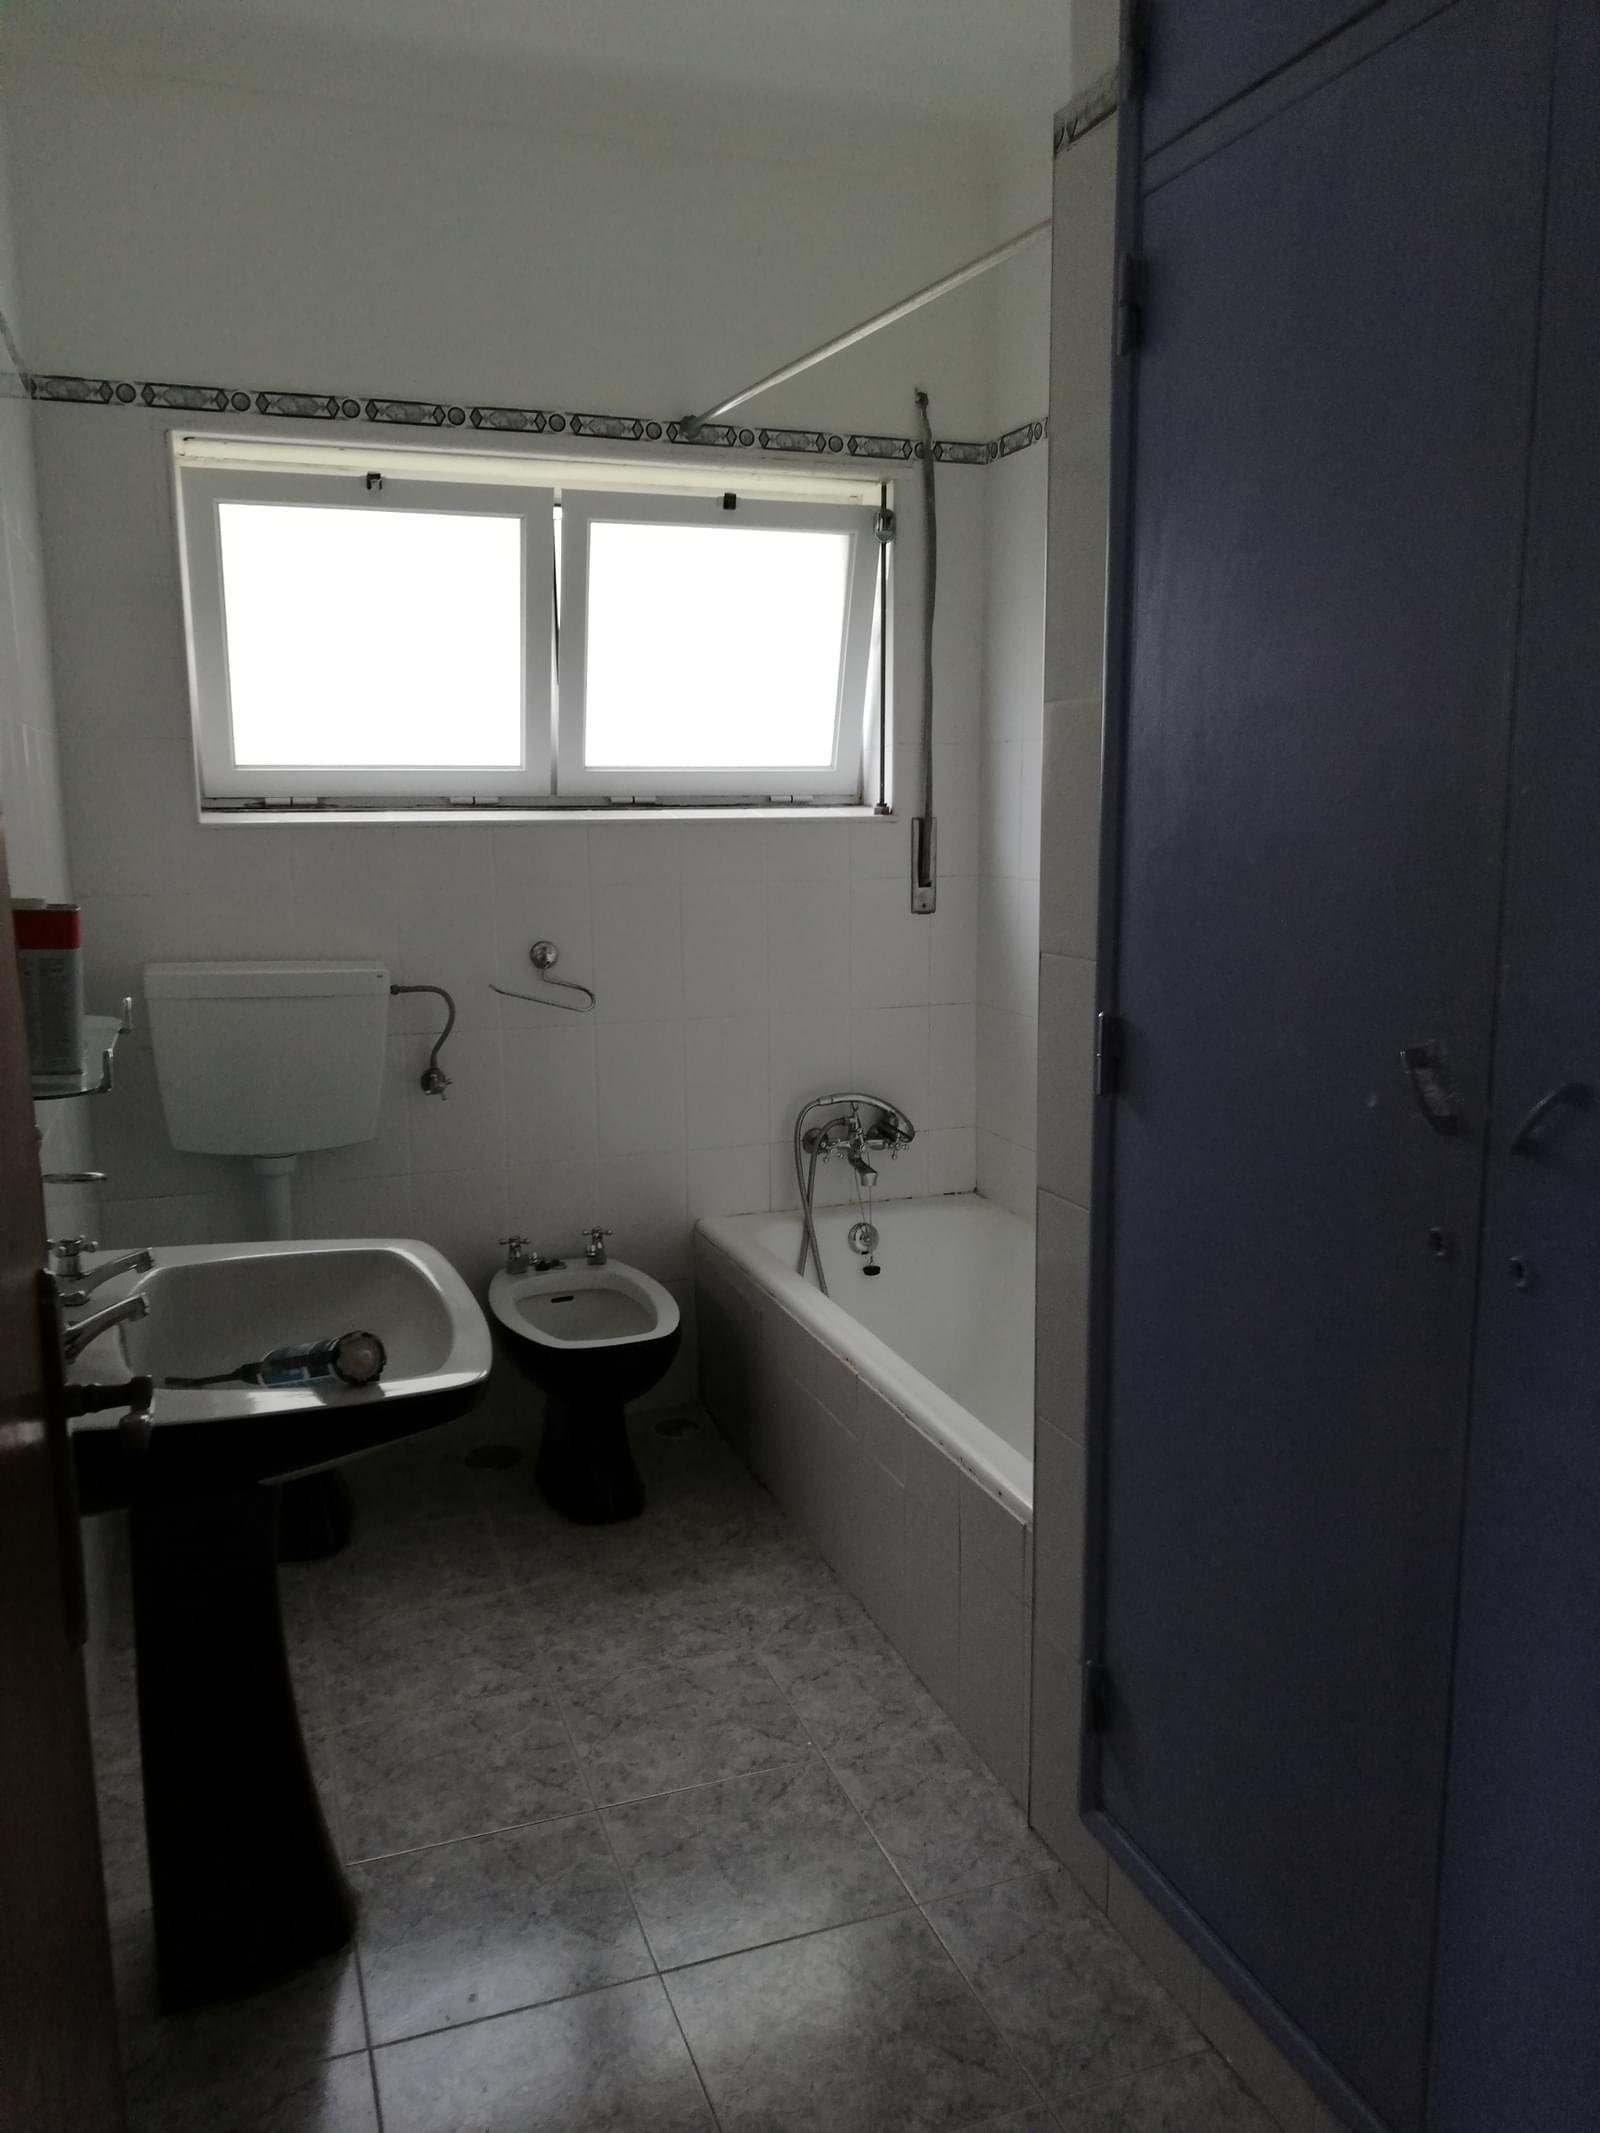 pf19207-apartamento-t2-cascais-9d6b8b1f-53b7-4736-b999-9c7ad6924a24